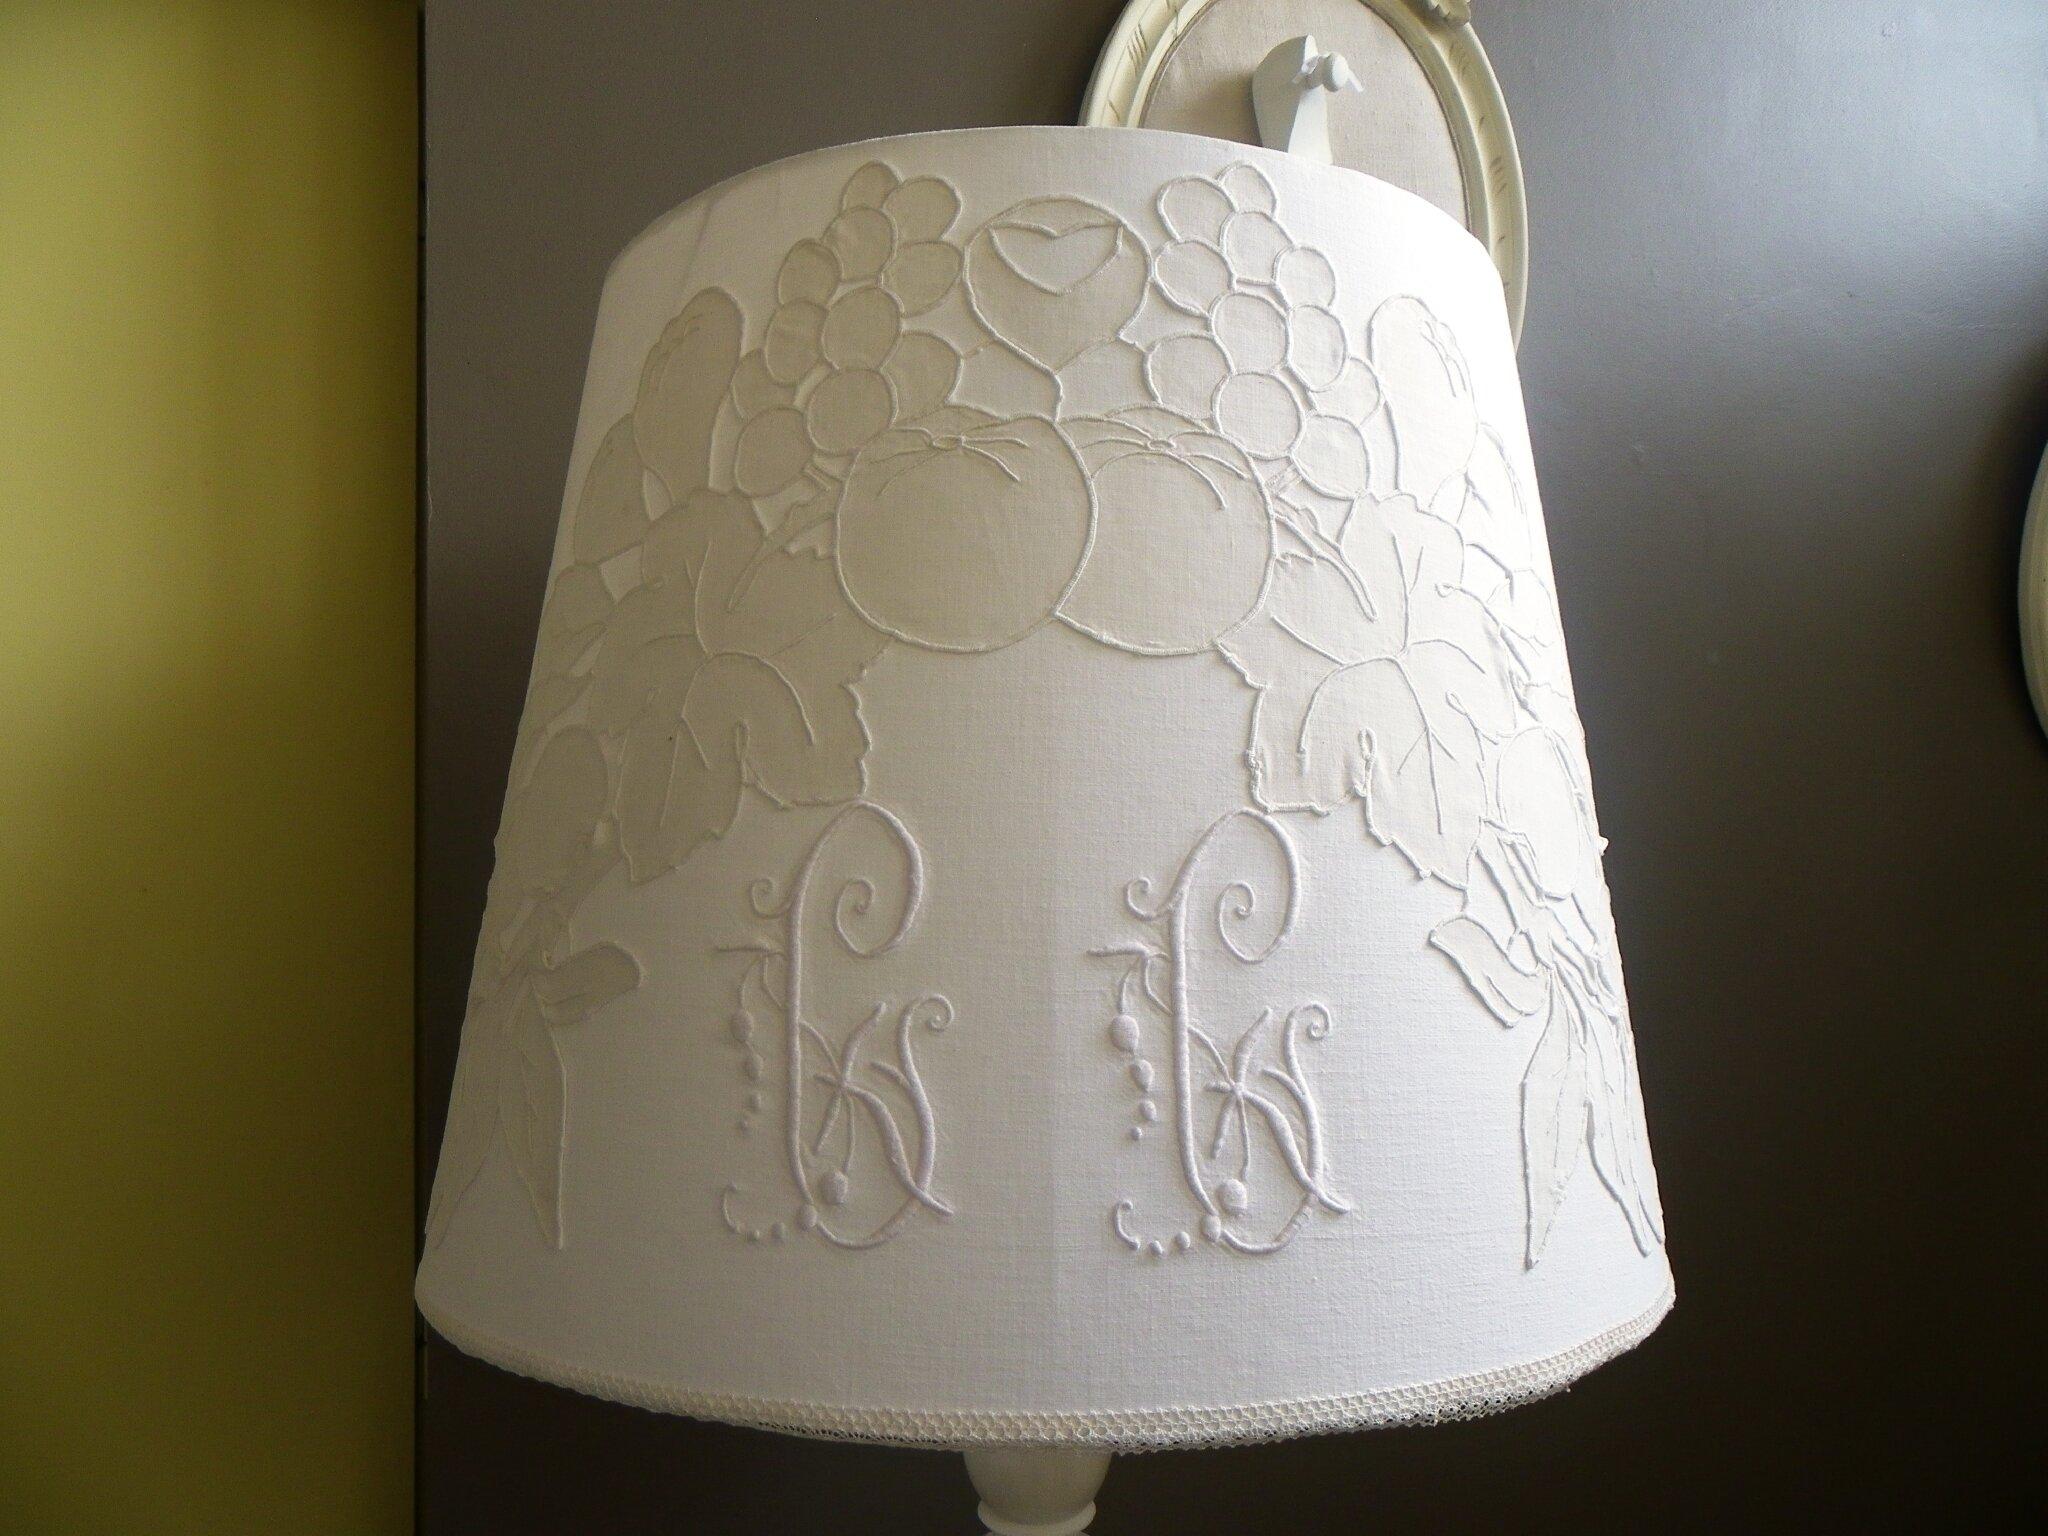 grand abat jour pour lampadaire 15 pour une fois ajoutons une touche de bleu. Black Bedroom Furniture Sets. Home Design Ideas